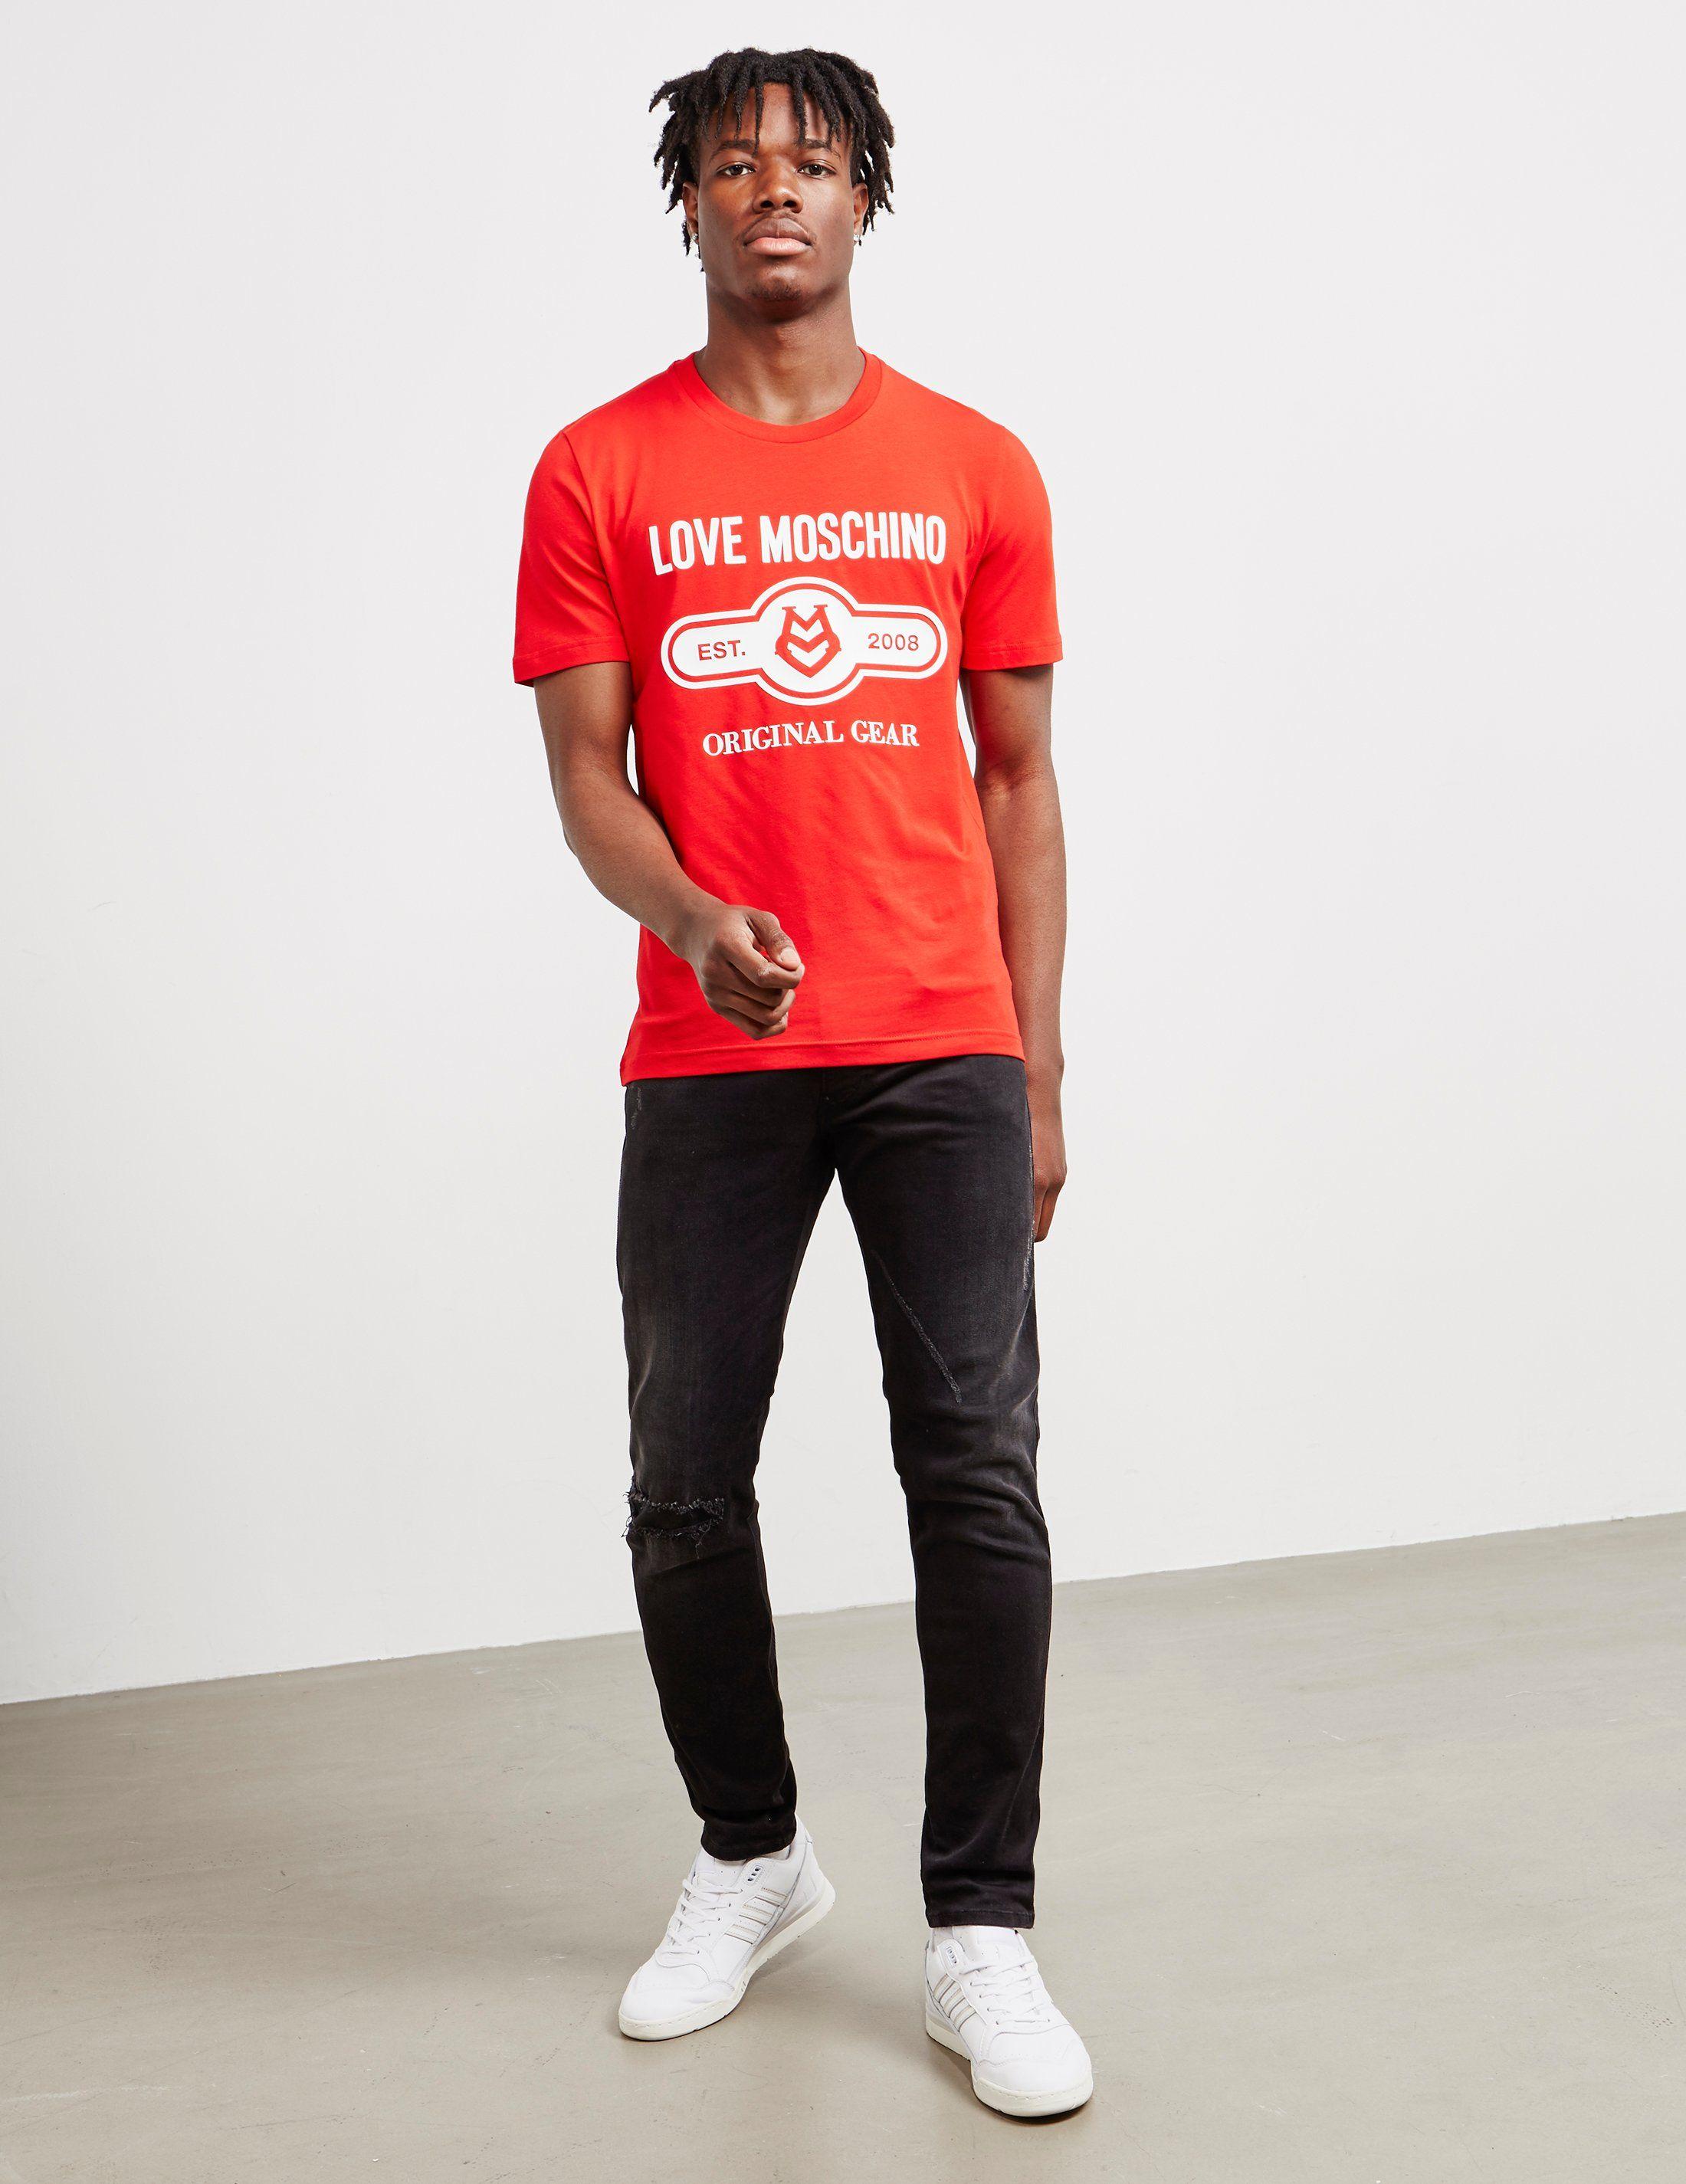 Love Moschino Pill Gear Short Sleeve T-Shirt